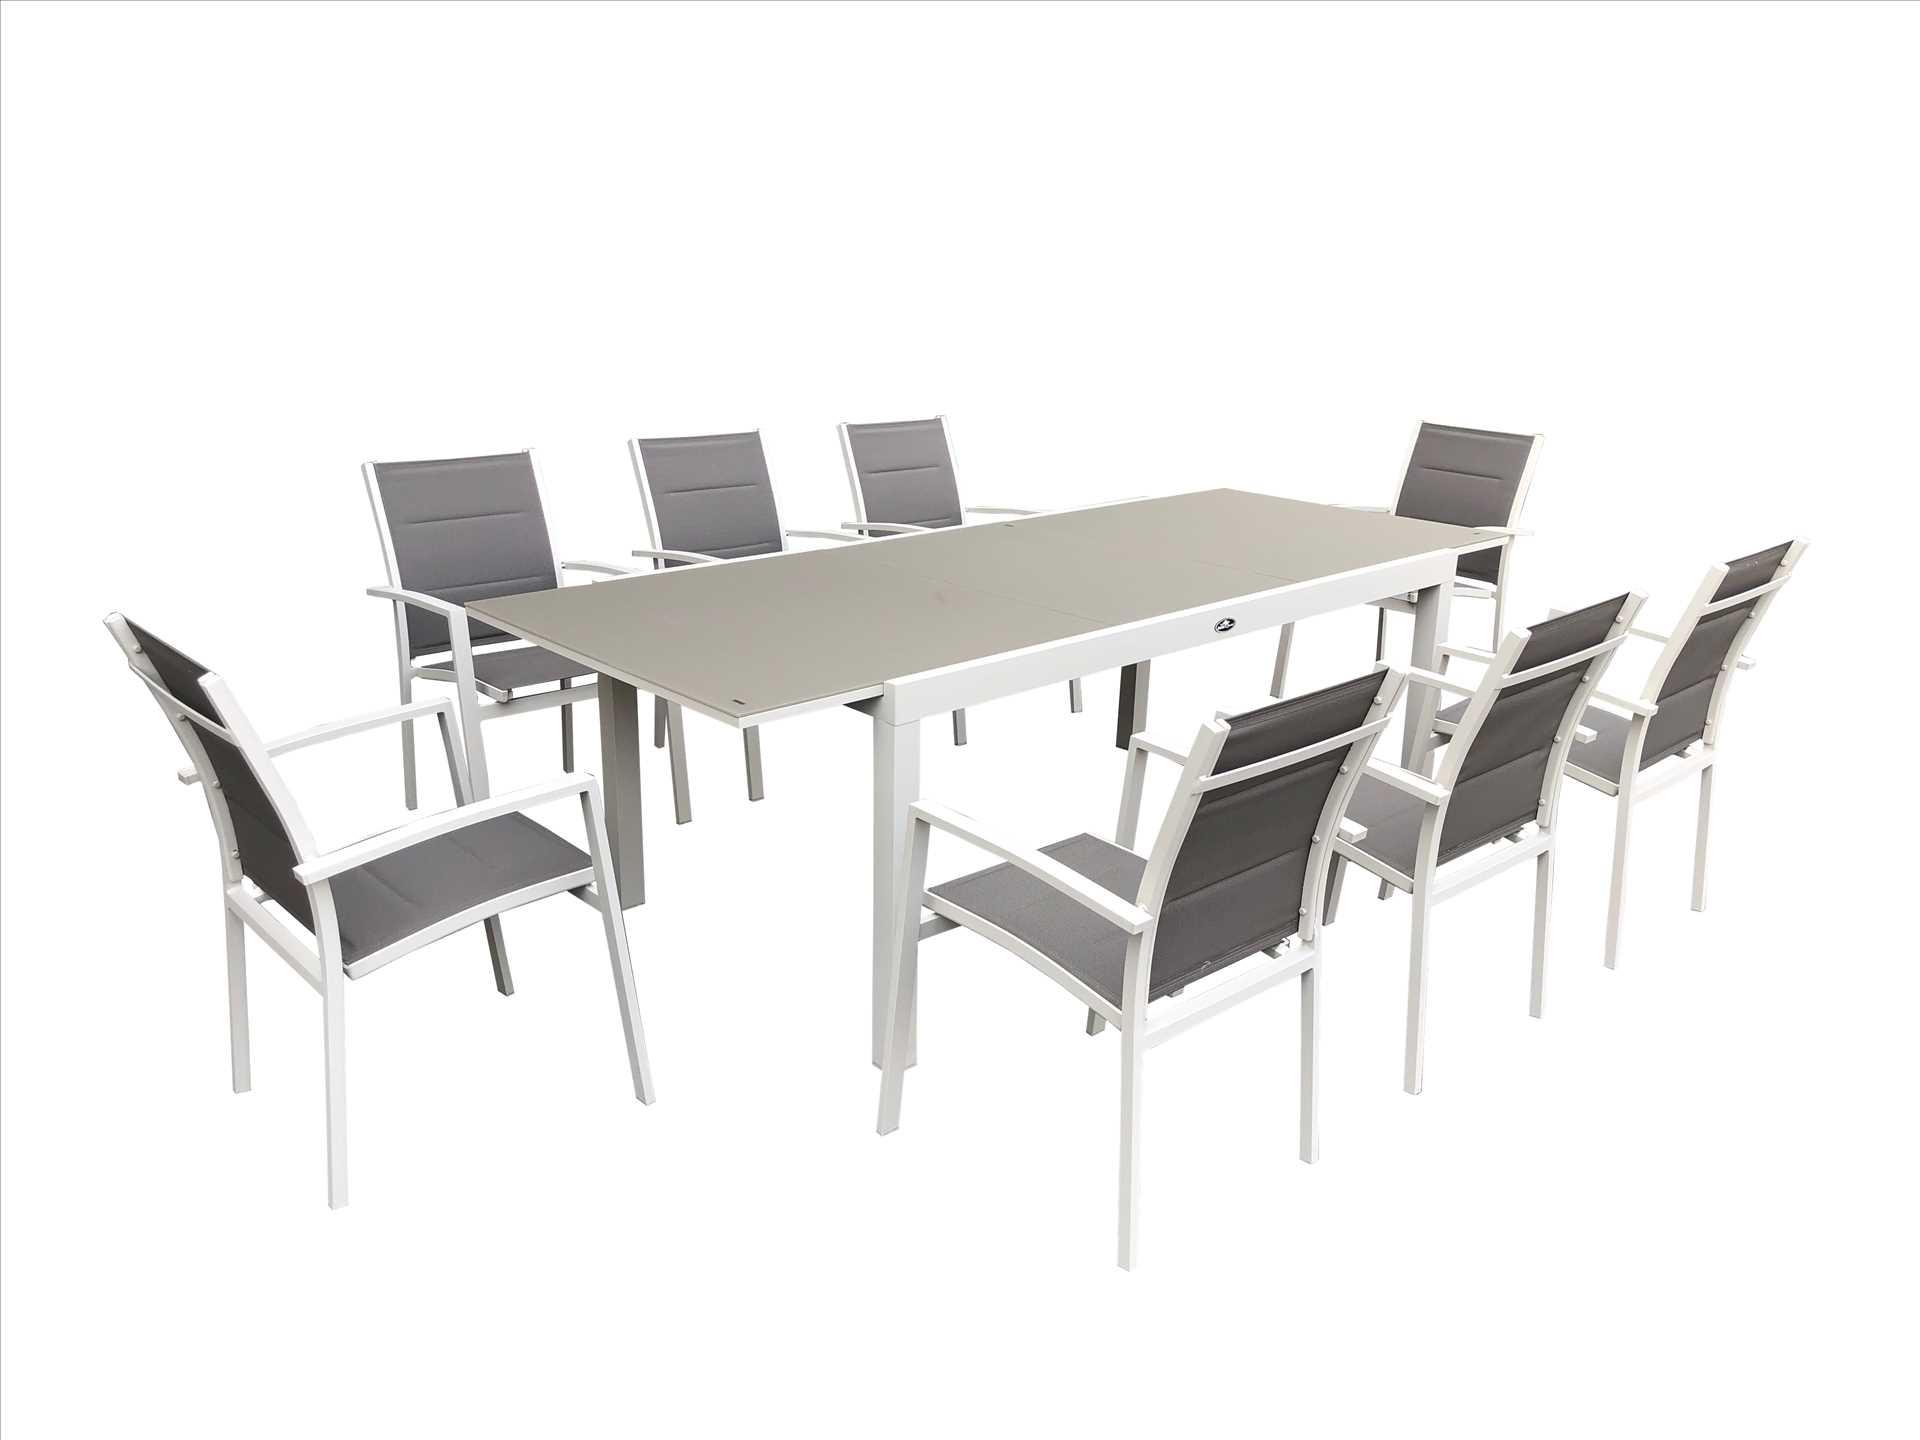 פינת אוכל מפוארת עם 6 כסאות דגם Miami תוצרת Australia Garden - תמונה 2